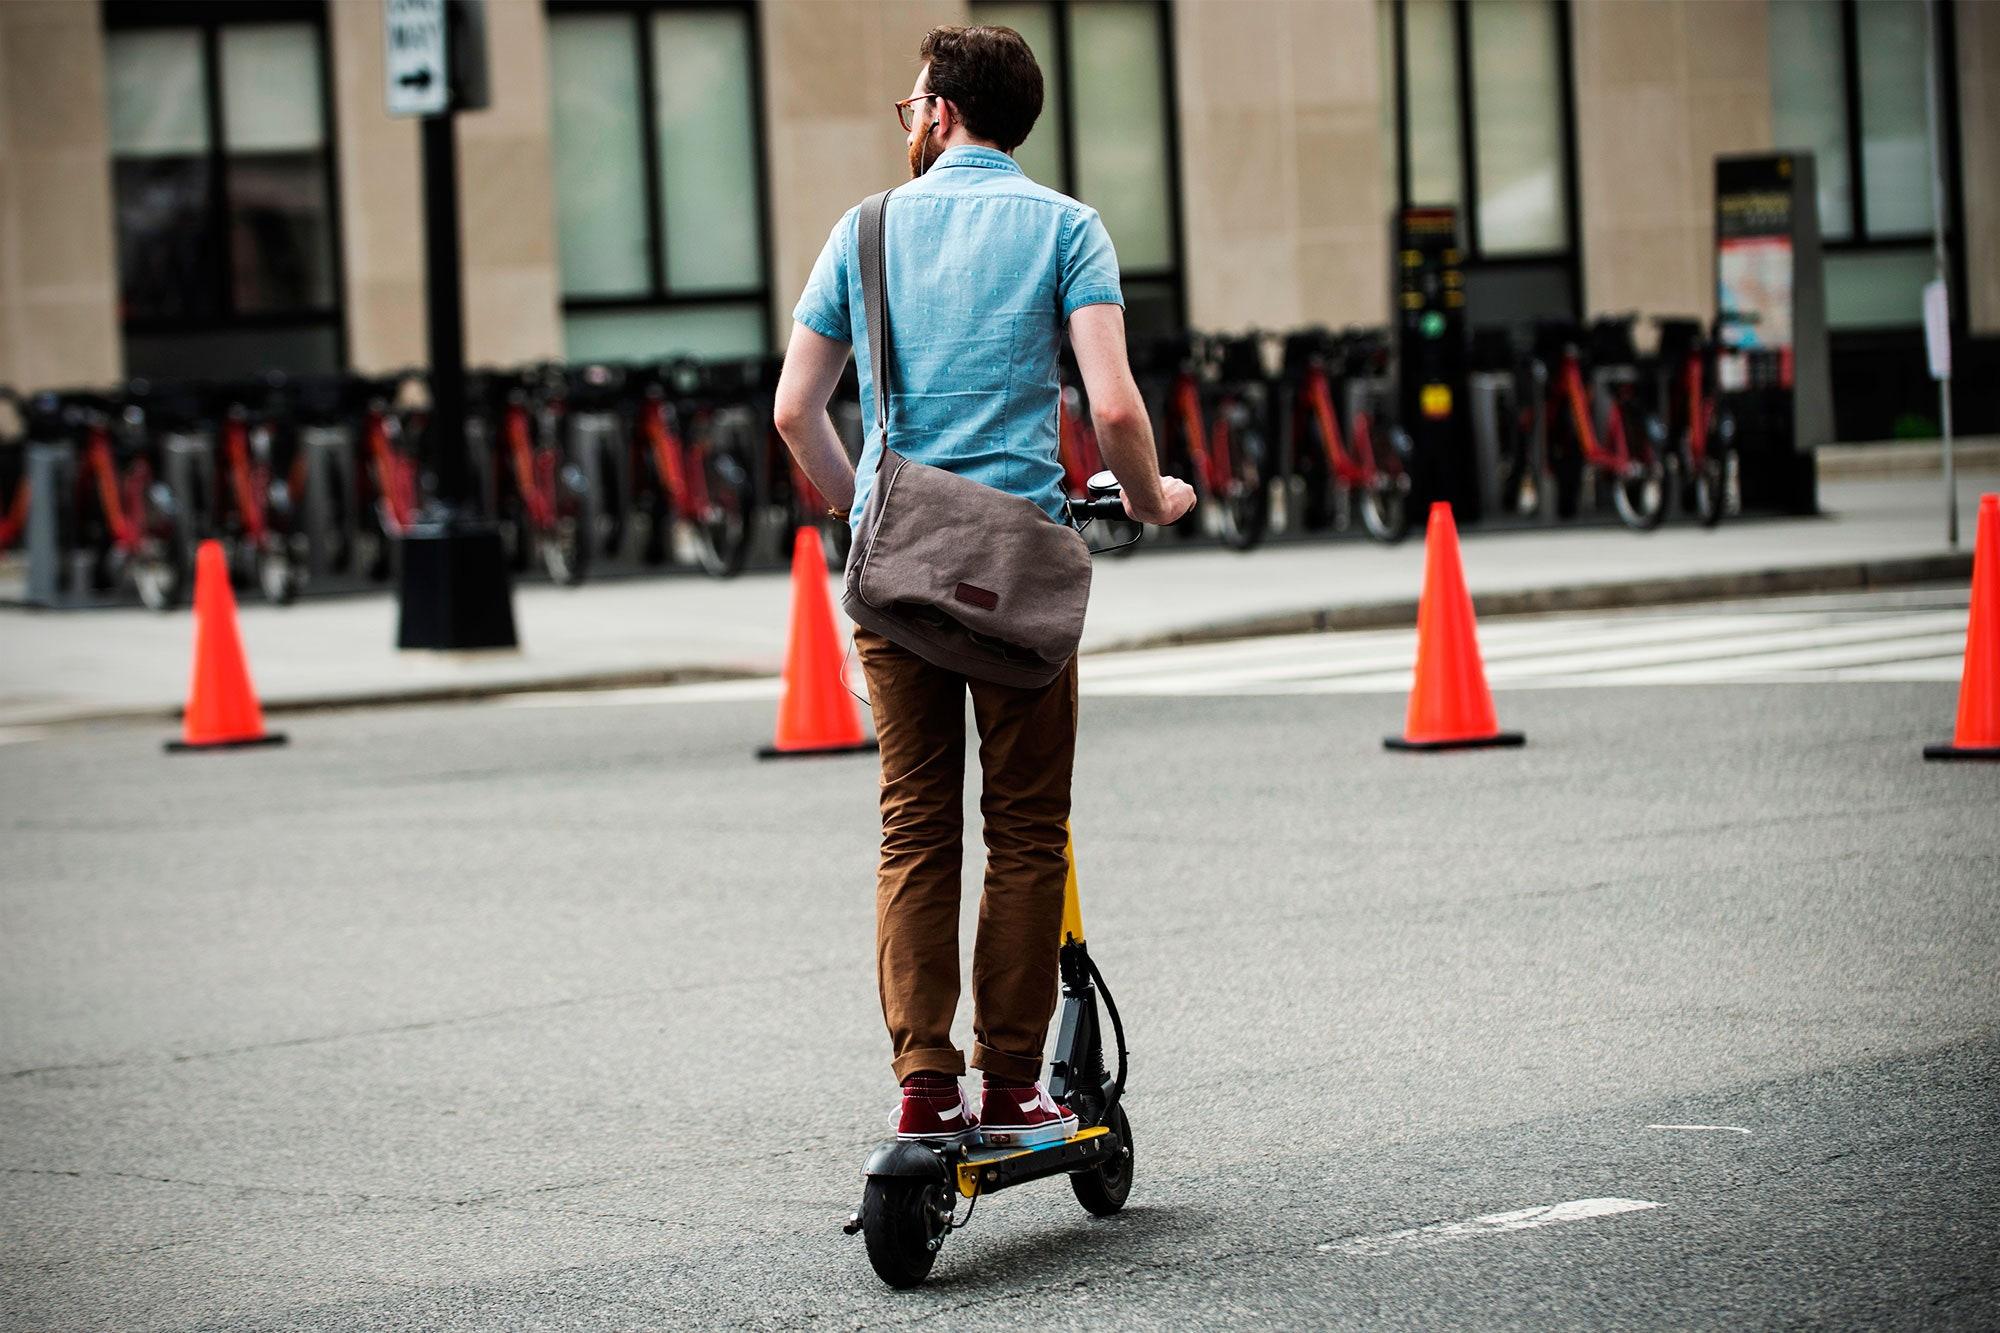 Elektrikli scooter kullanırken koruyucu ekipman şart #2